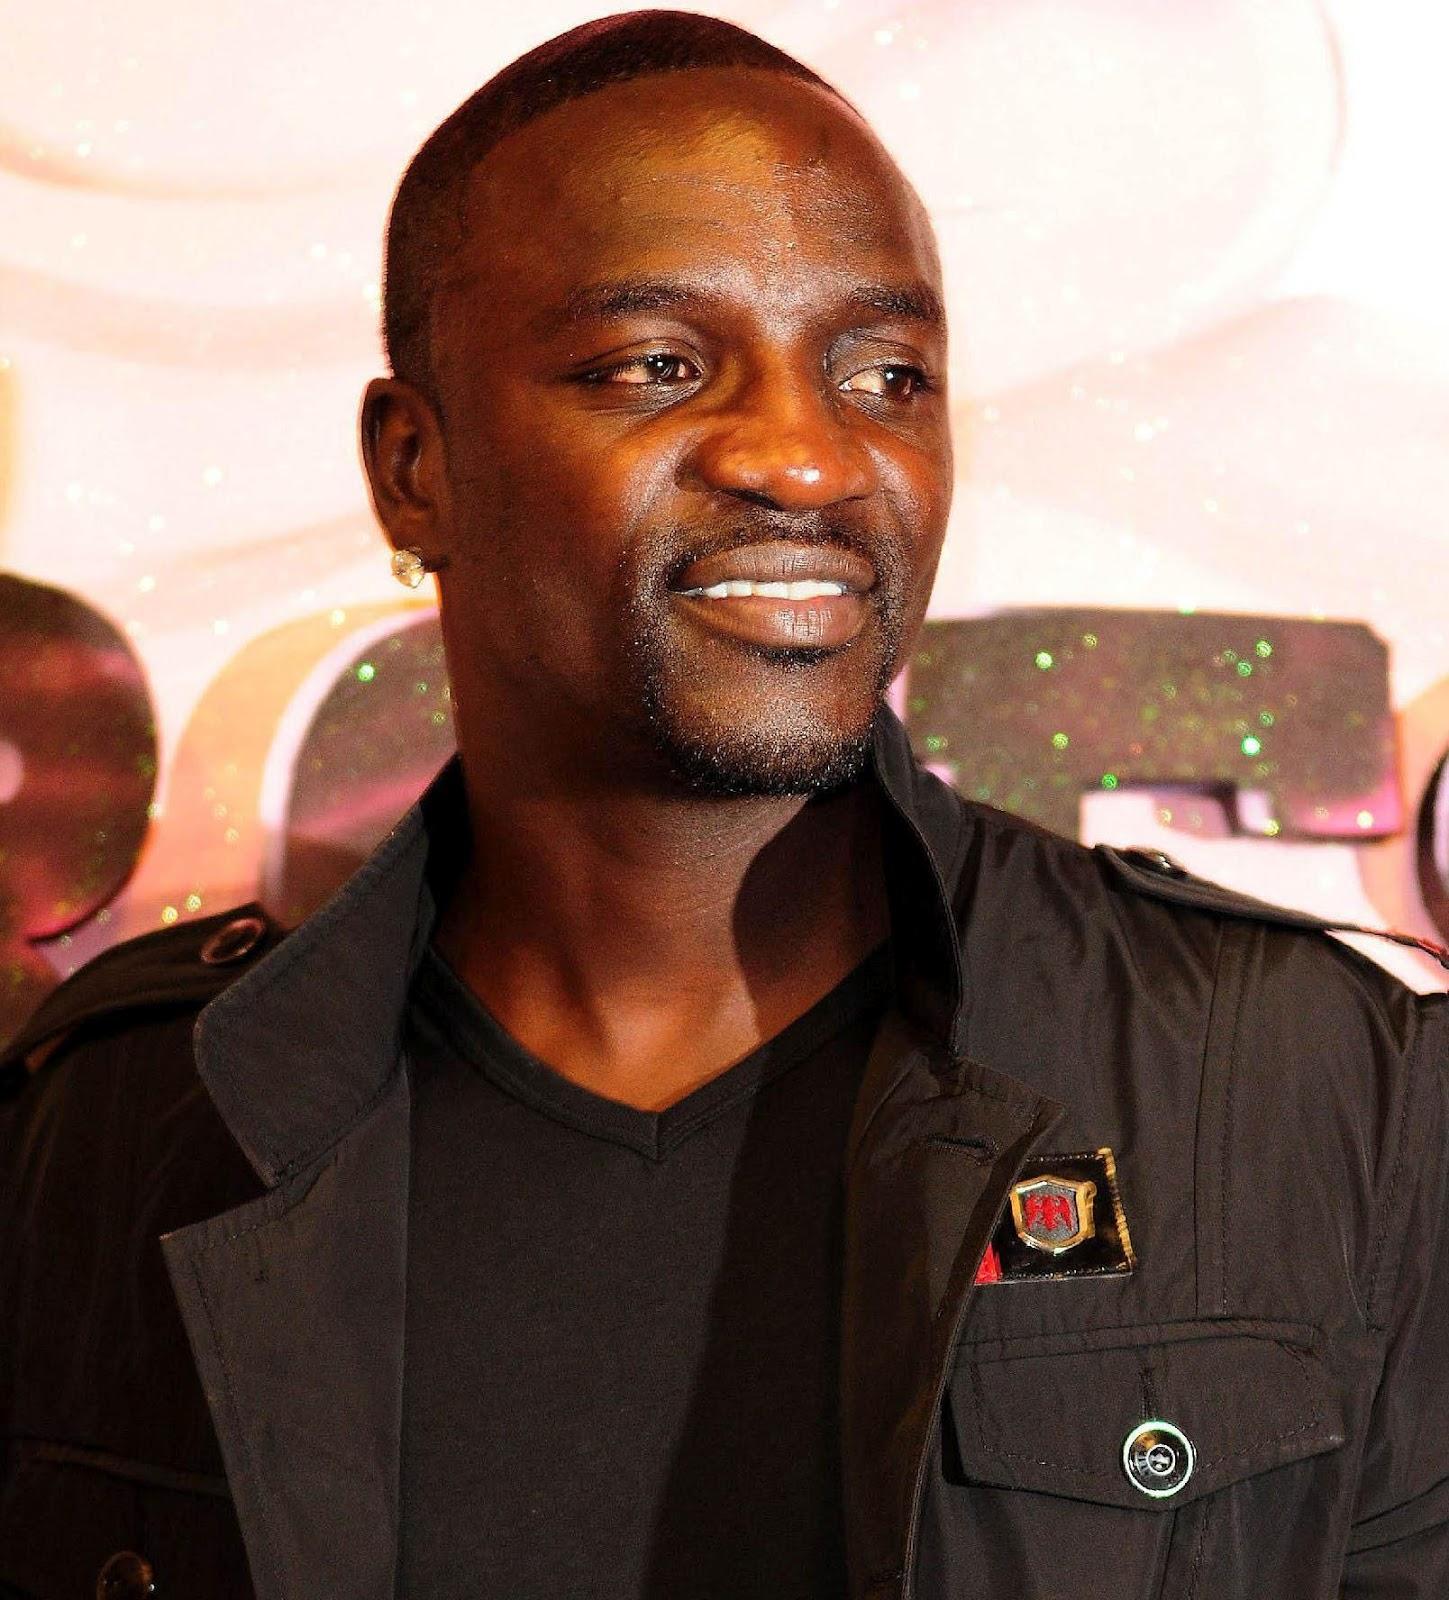 http://1.bp.blogspot.com/-kZmkDu_9ccM/UBv-TKBqwZI/AAAAAAAABww/50ZqdT5r5XE/s1600/Akon+-+I+Can%27t+Wait+Lyrics.jpeg